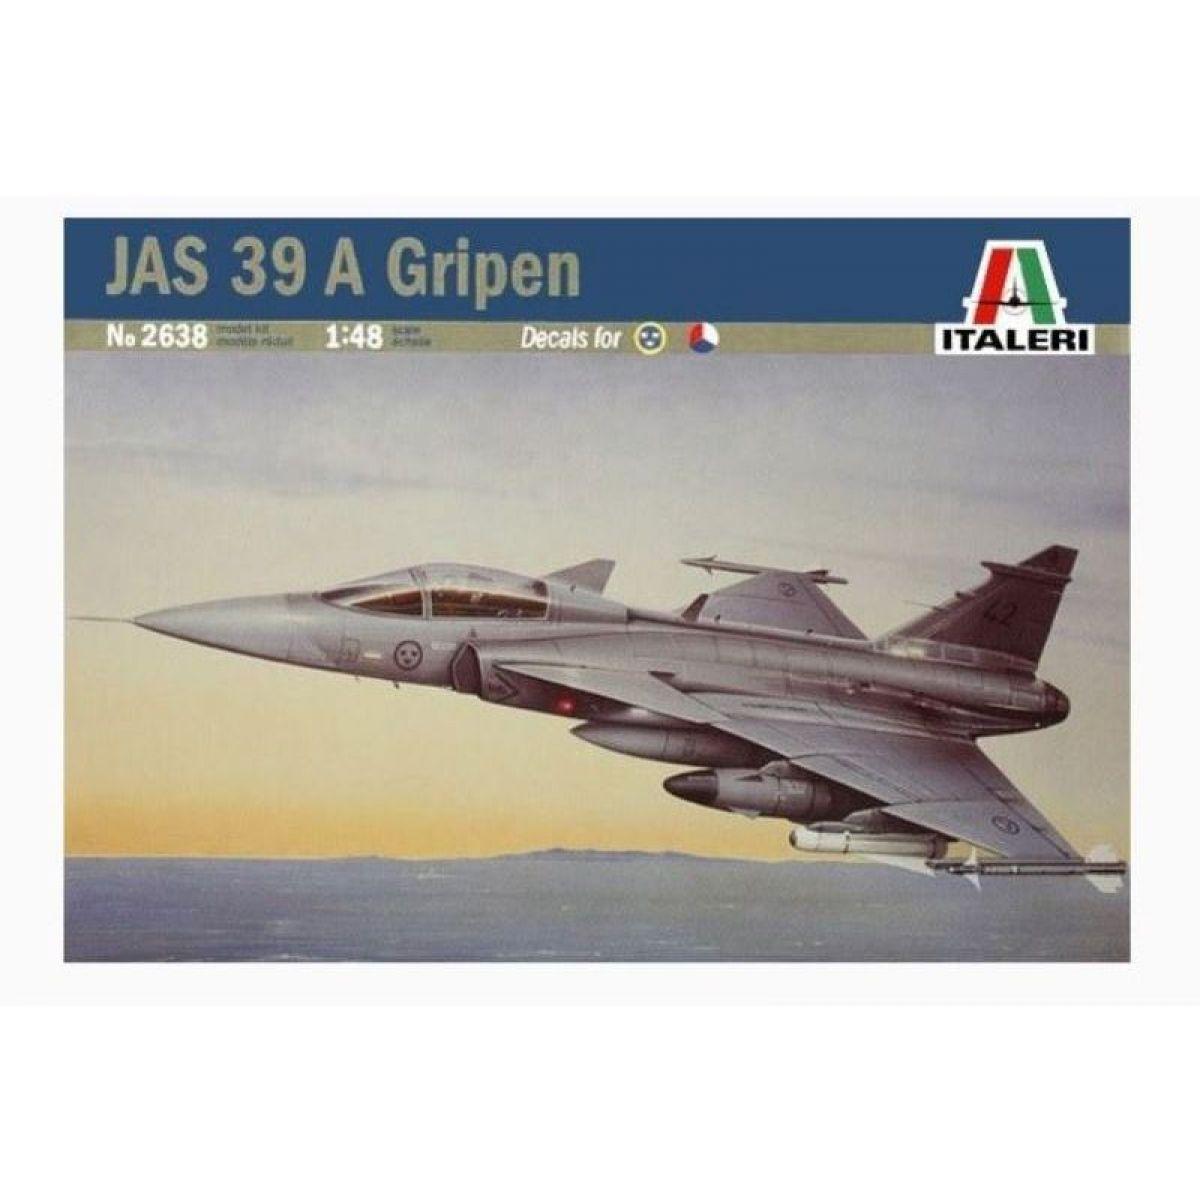 Italeri Model Kit lietadlo 2638 JAS 39 A Gripen 1:48